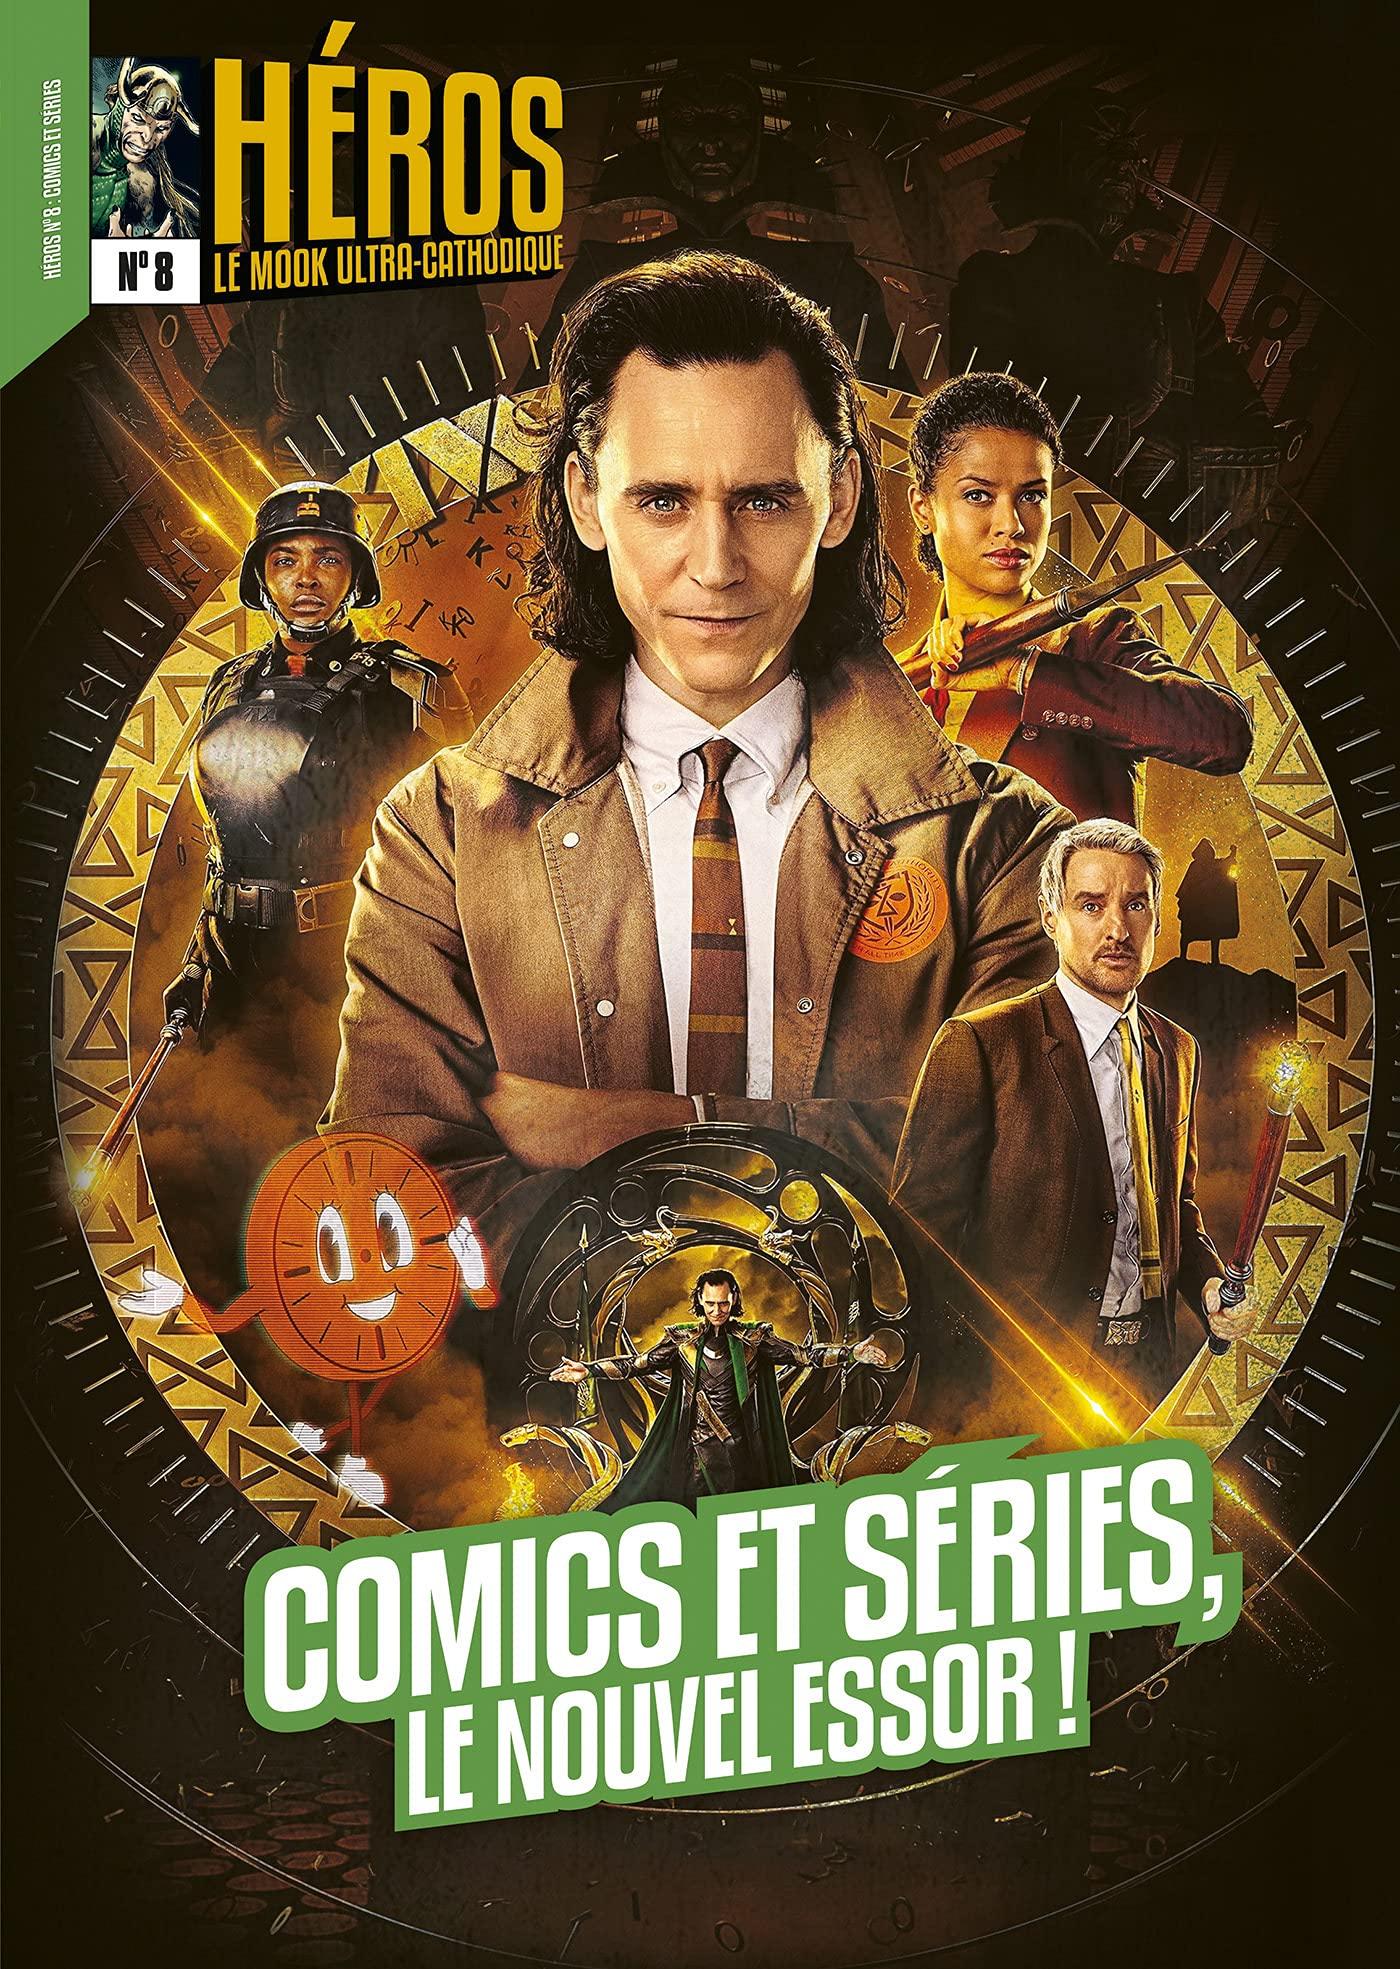 Héros : Comics et séries, le nouvel essor !